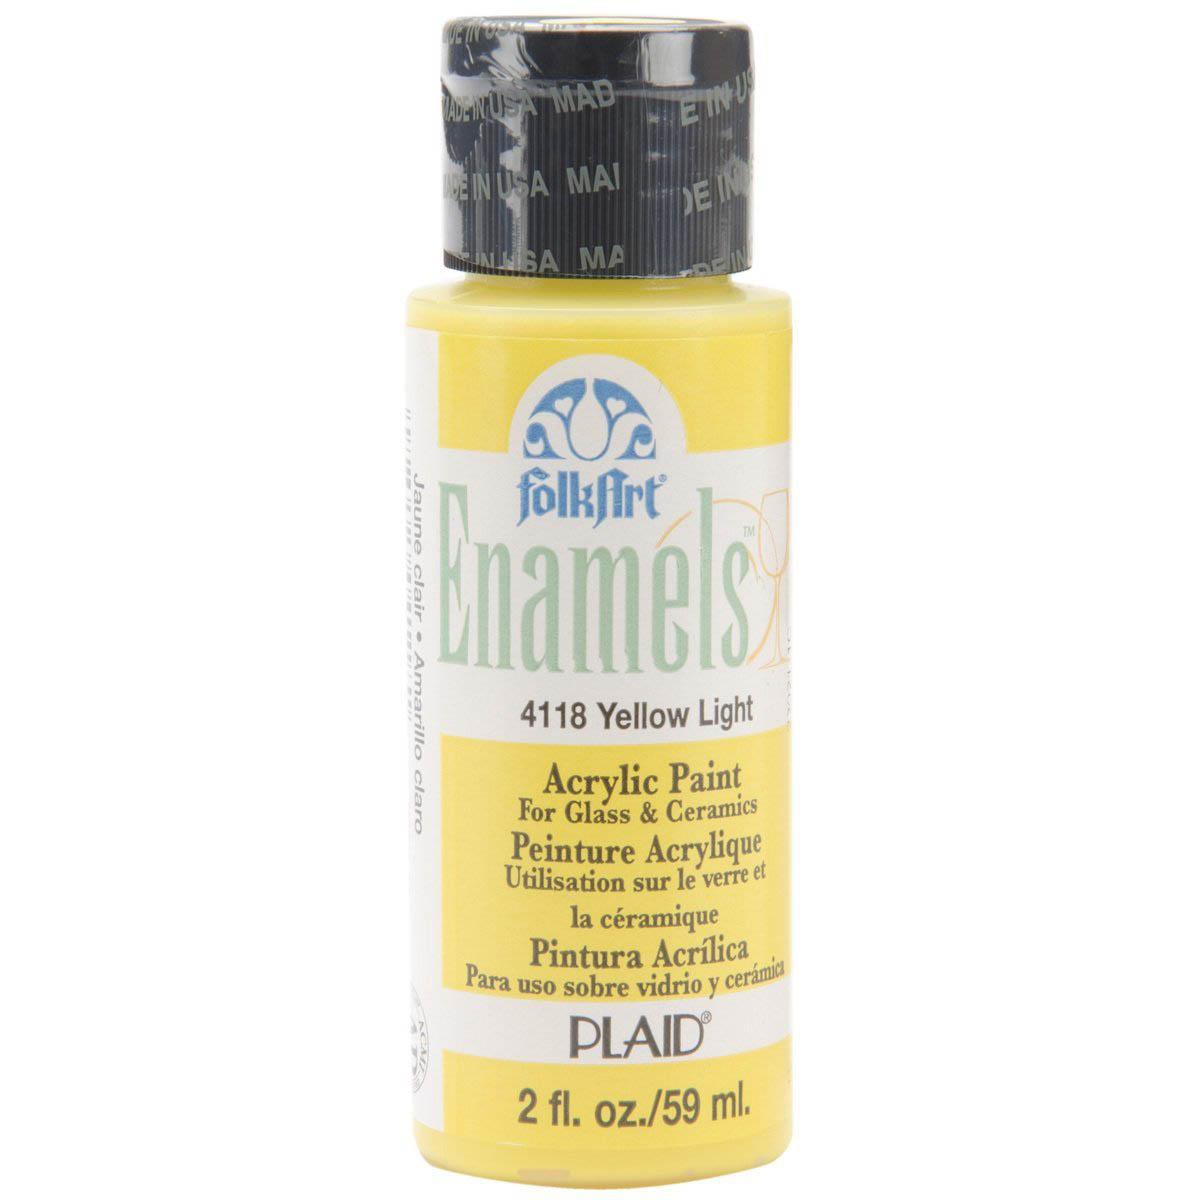 FolkArt ® Enamels™ - Yellow Light, 2 oz. - 4118